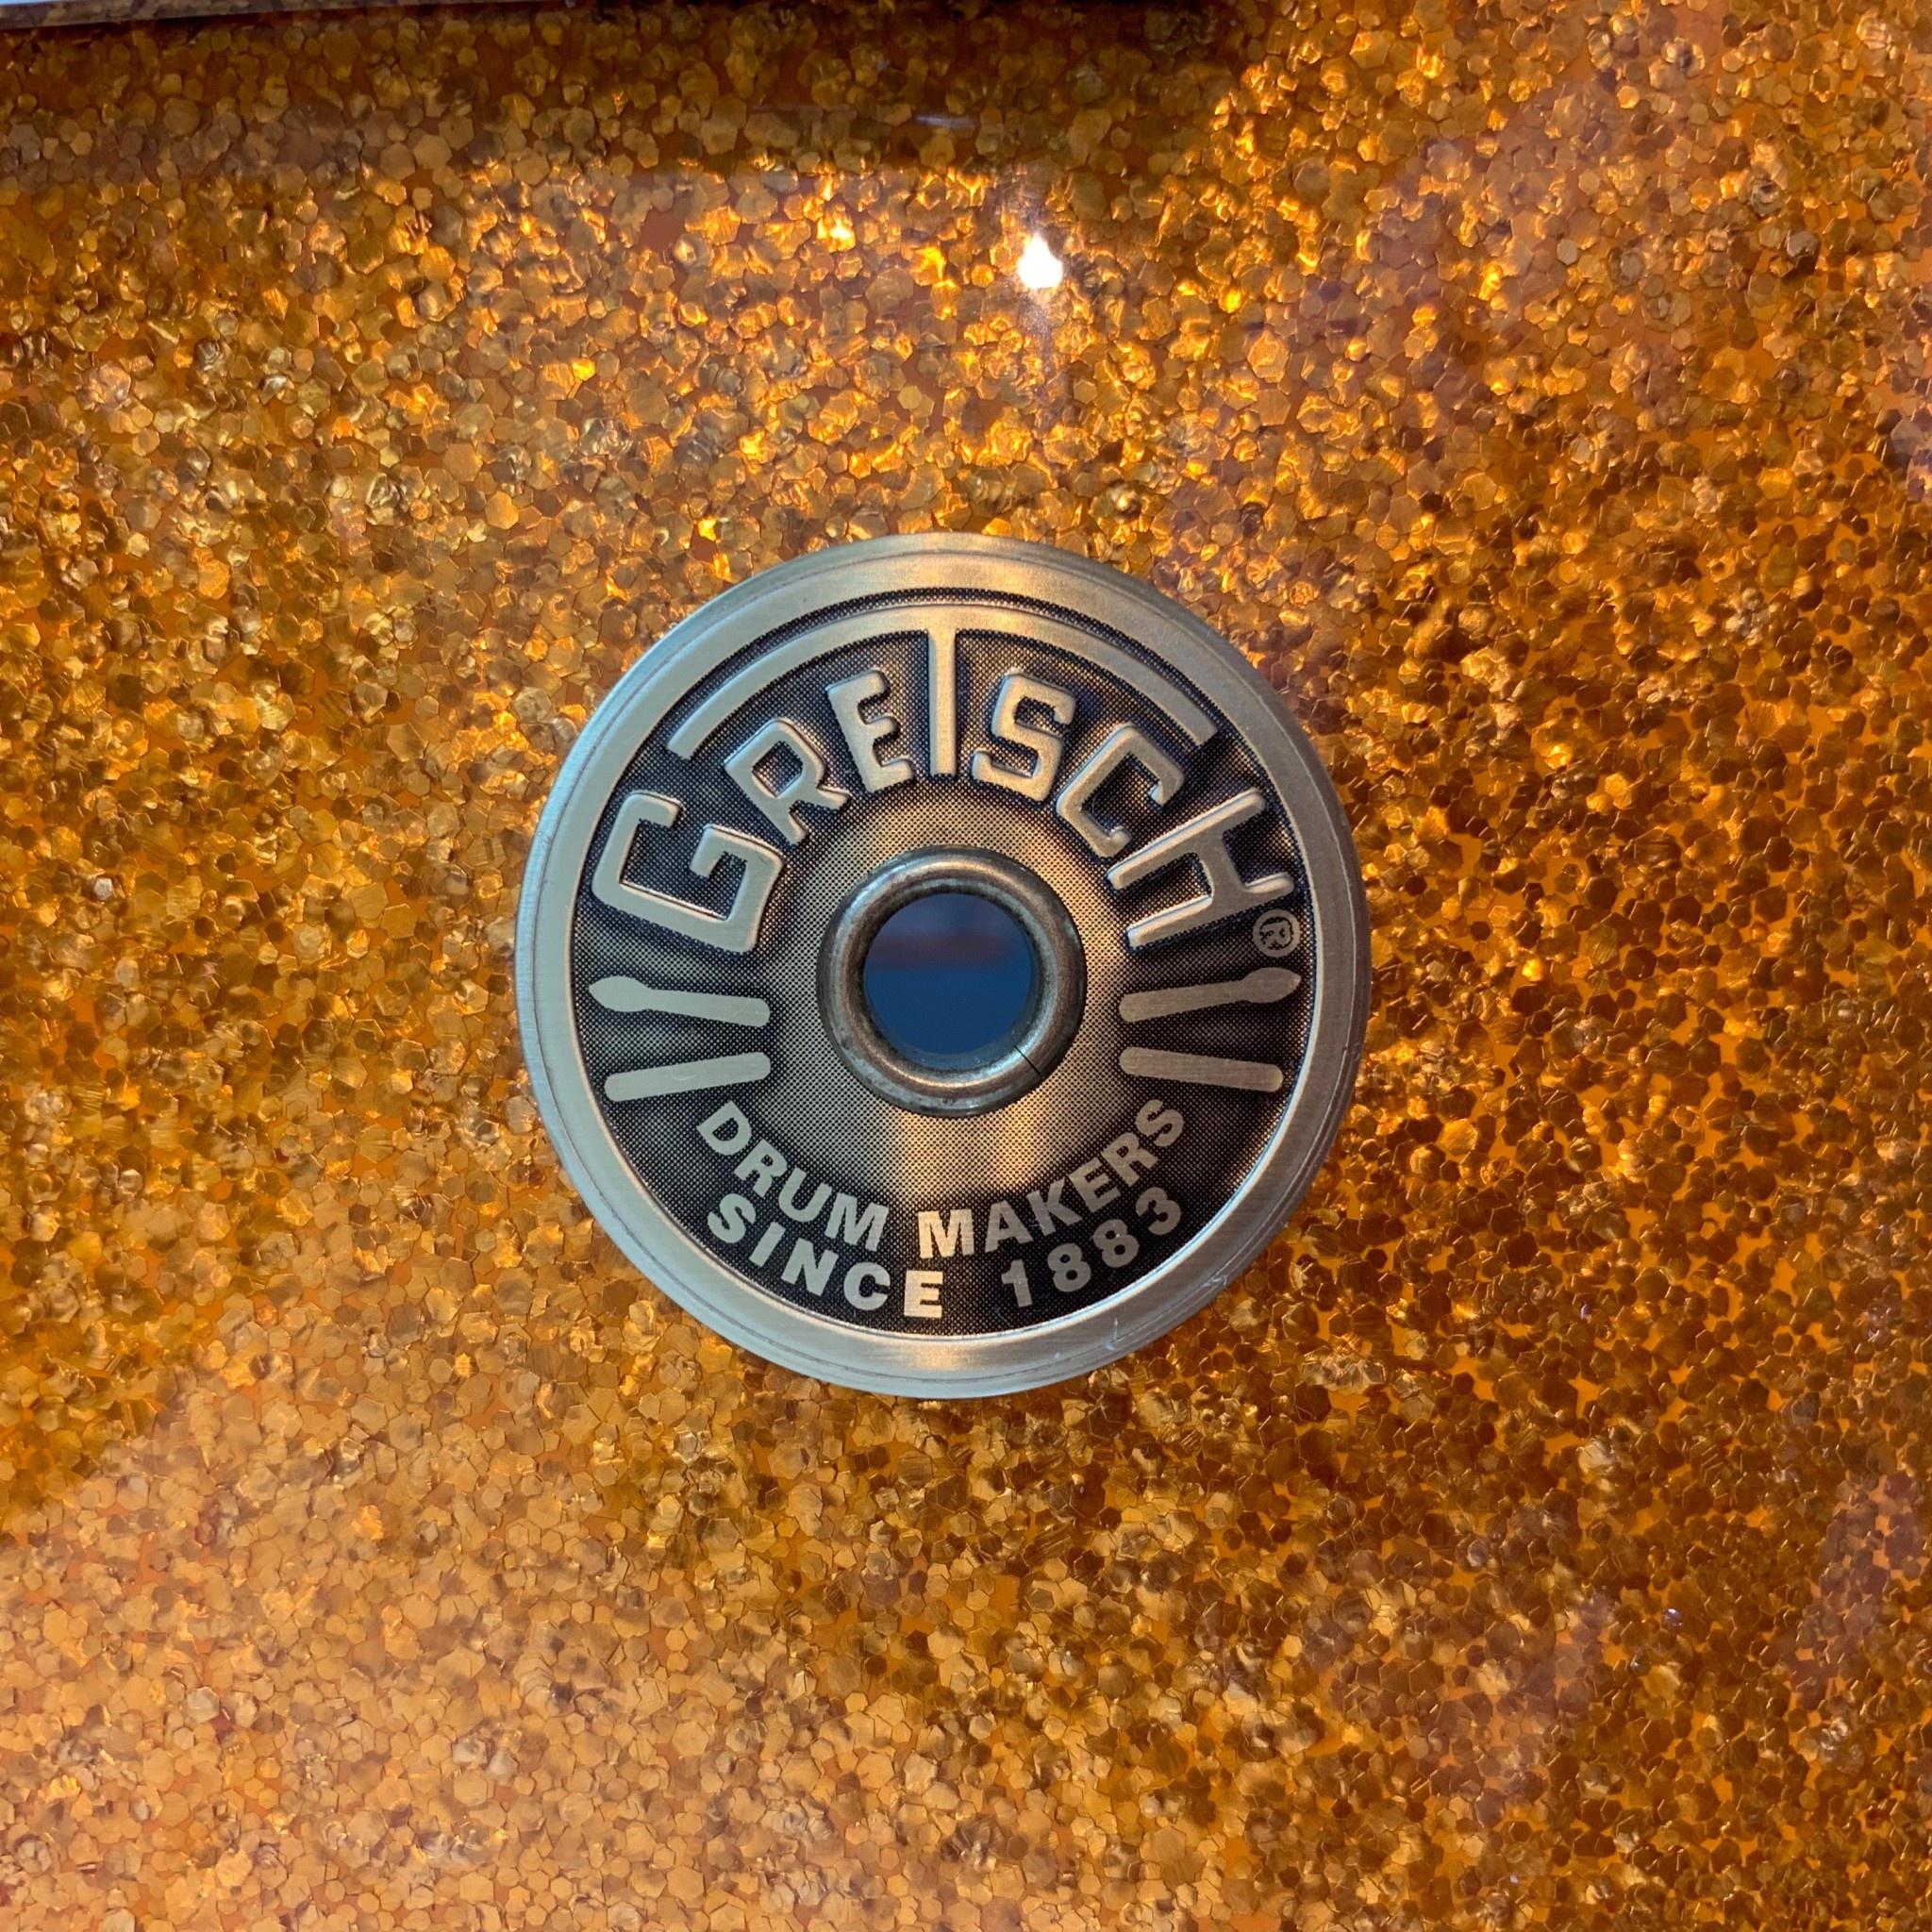 Gretsch Batterie usagée Gretsch Broadkaster (Vintage Built) 20-12-14po - Gold Sparkle